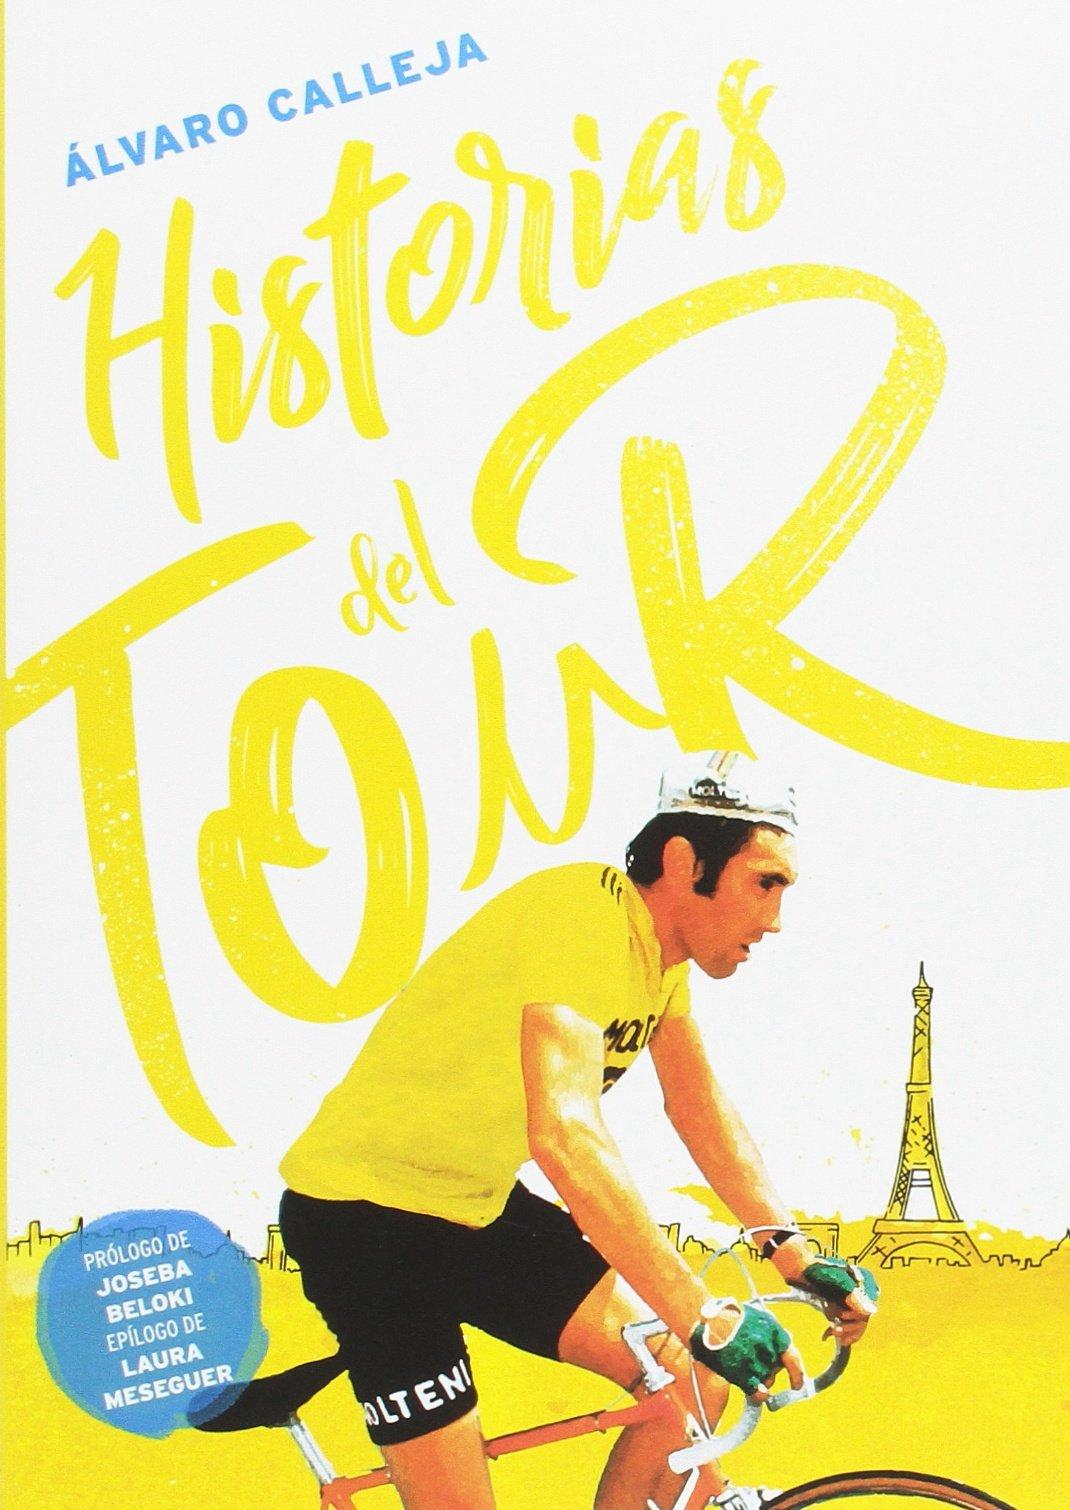 Historias del Tour (Ciclismo) Tapa blanda – 24 abr 2017 Álvaro Calleja Moreno Joseba Beloki Dorronsoro Laura Meseguer Mata Ediciones JC